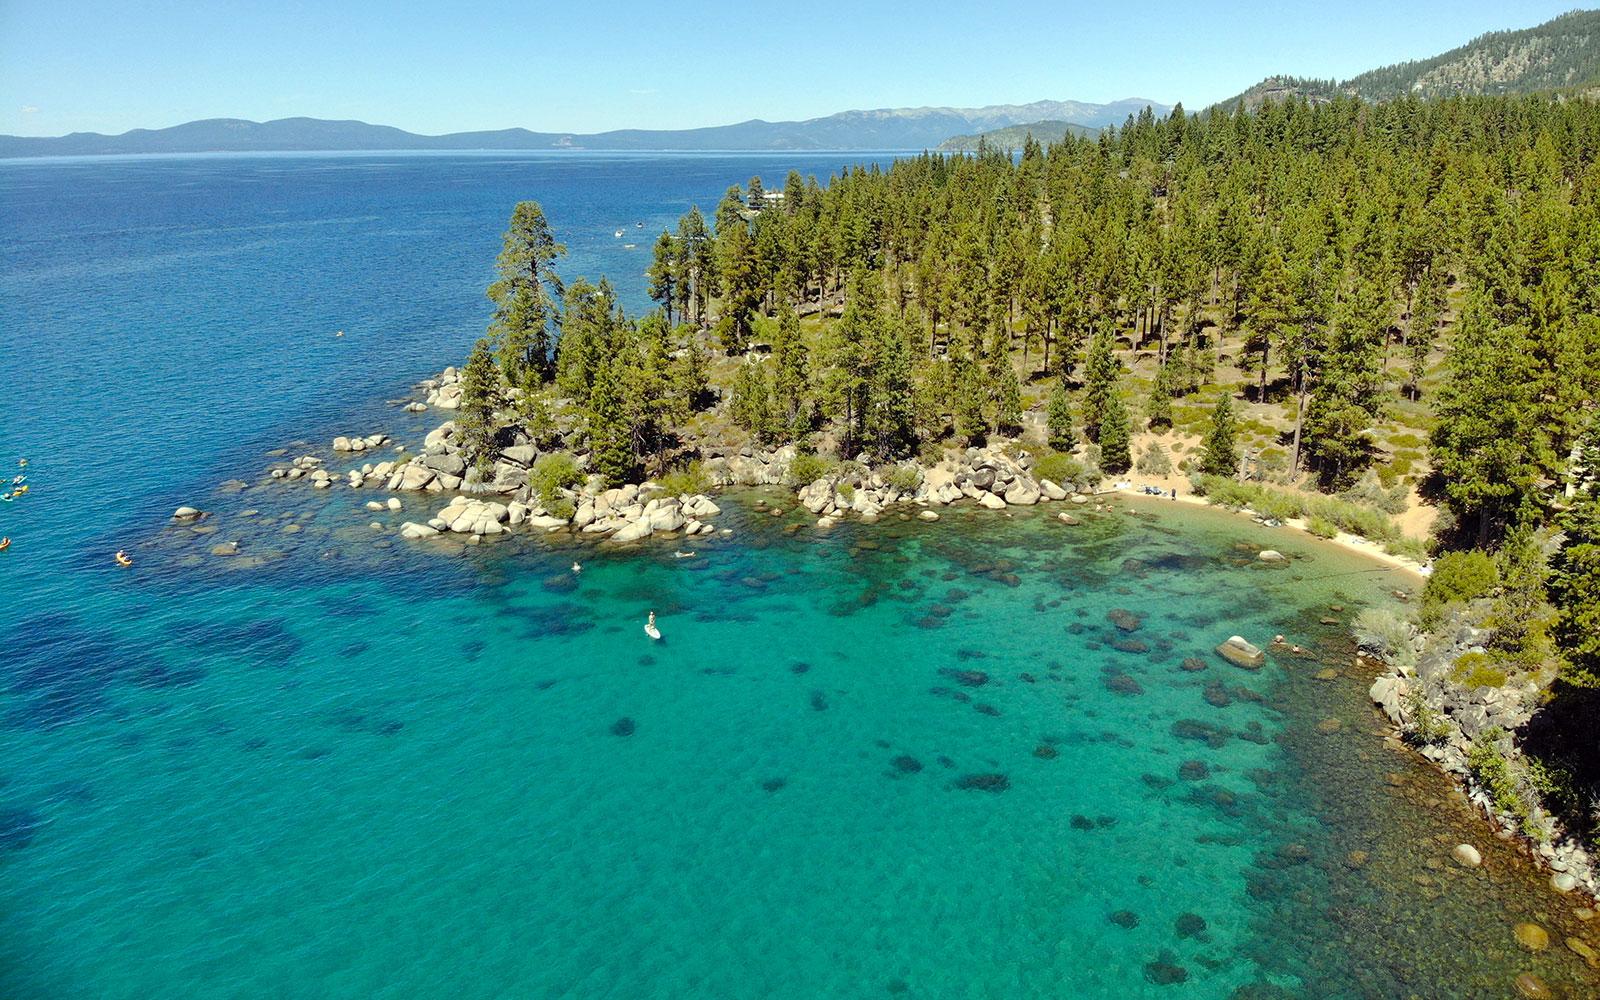 Lake Tahoe - Drone Image